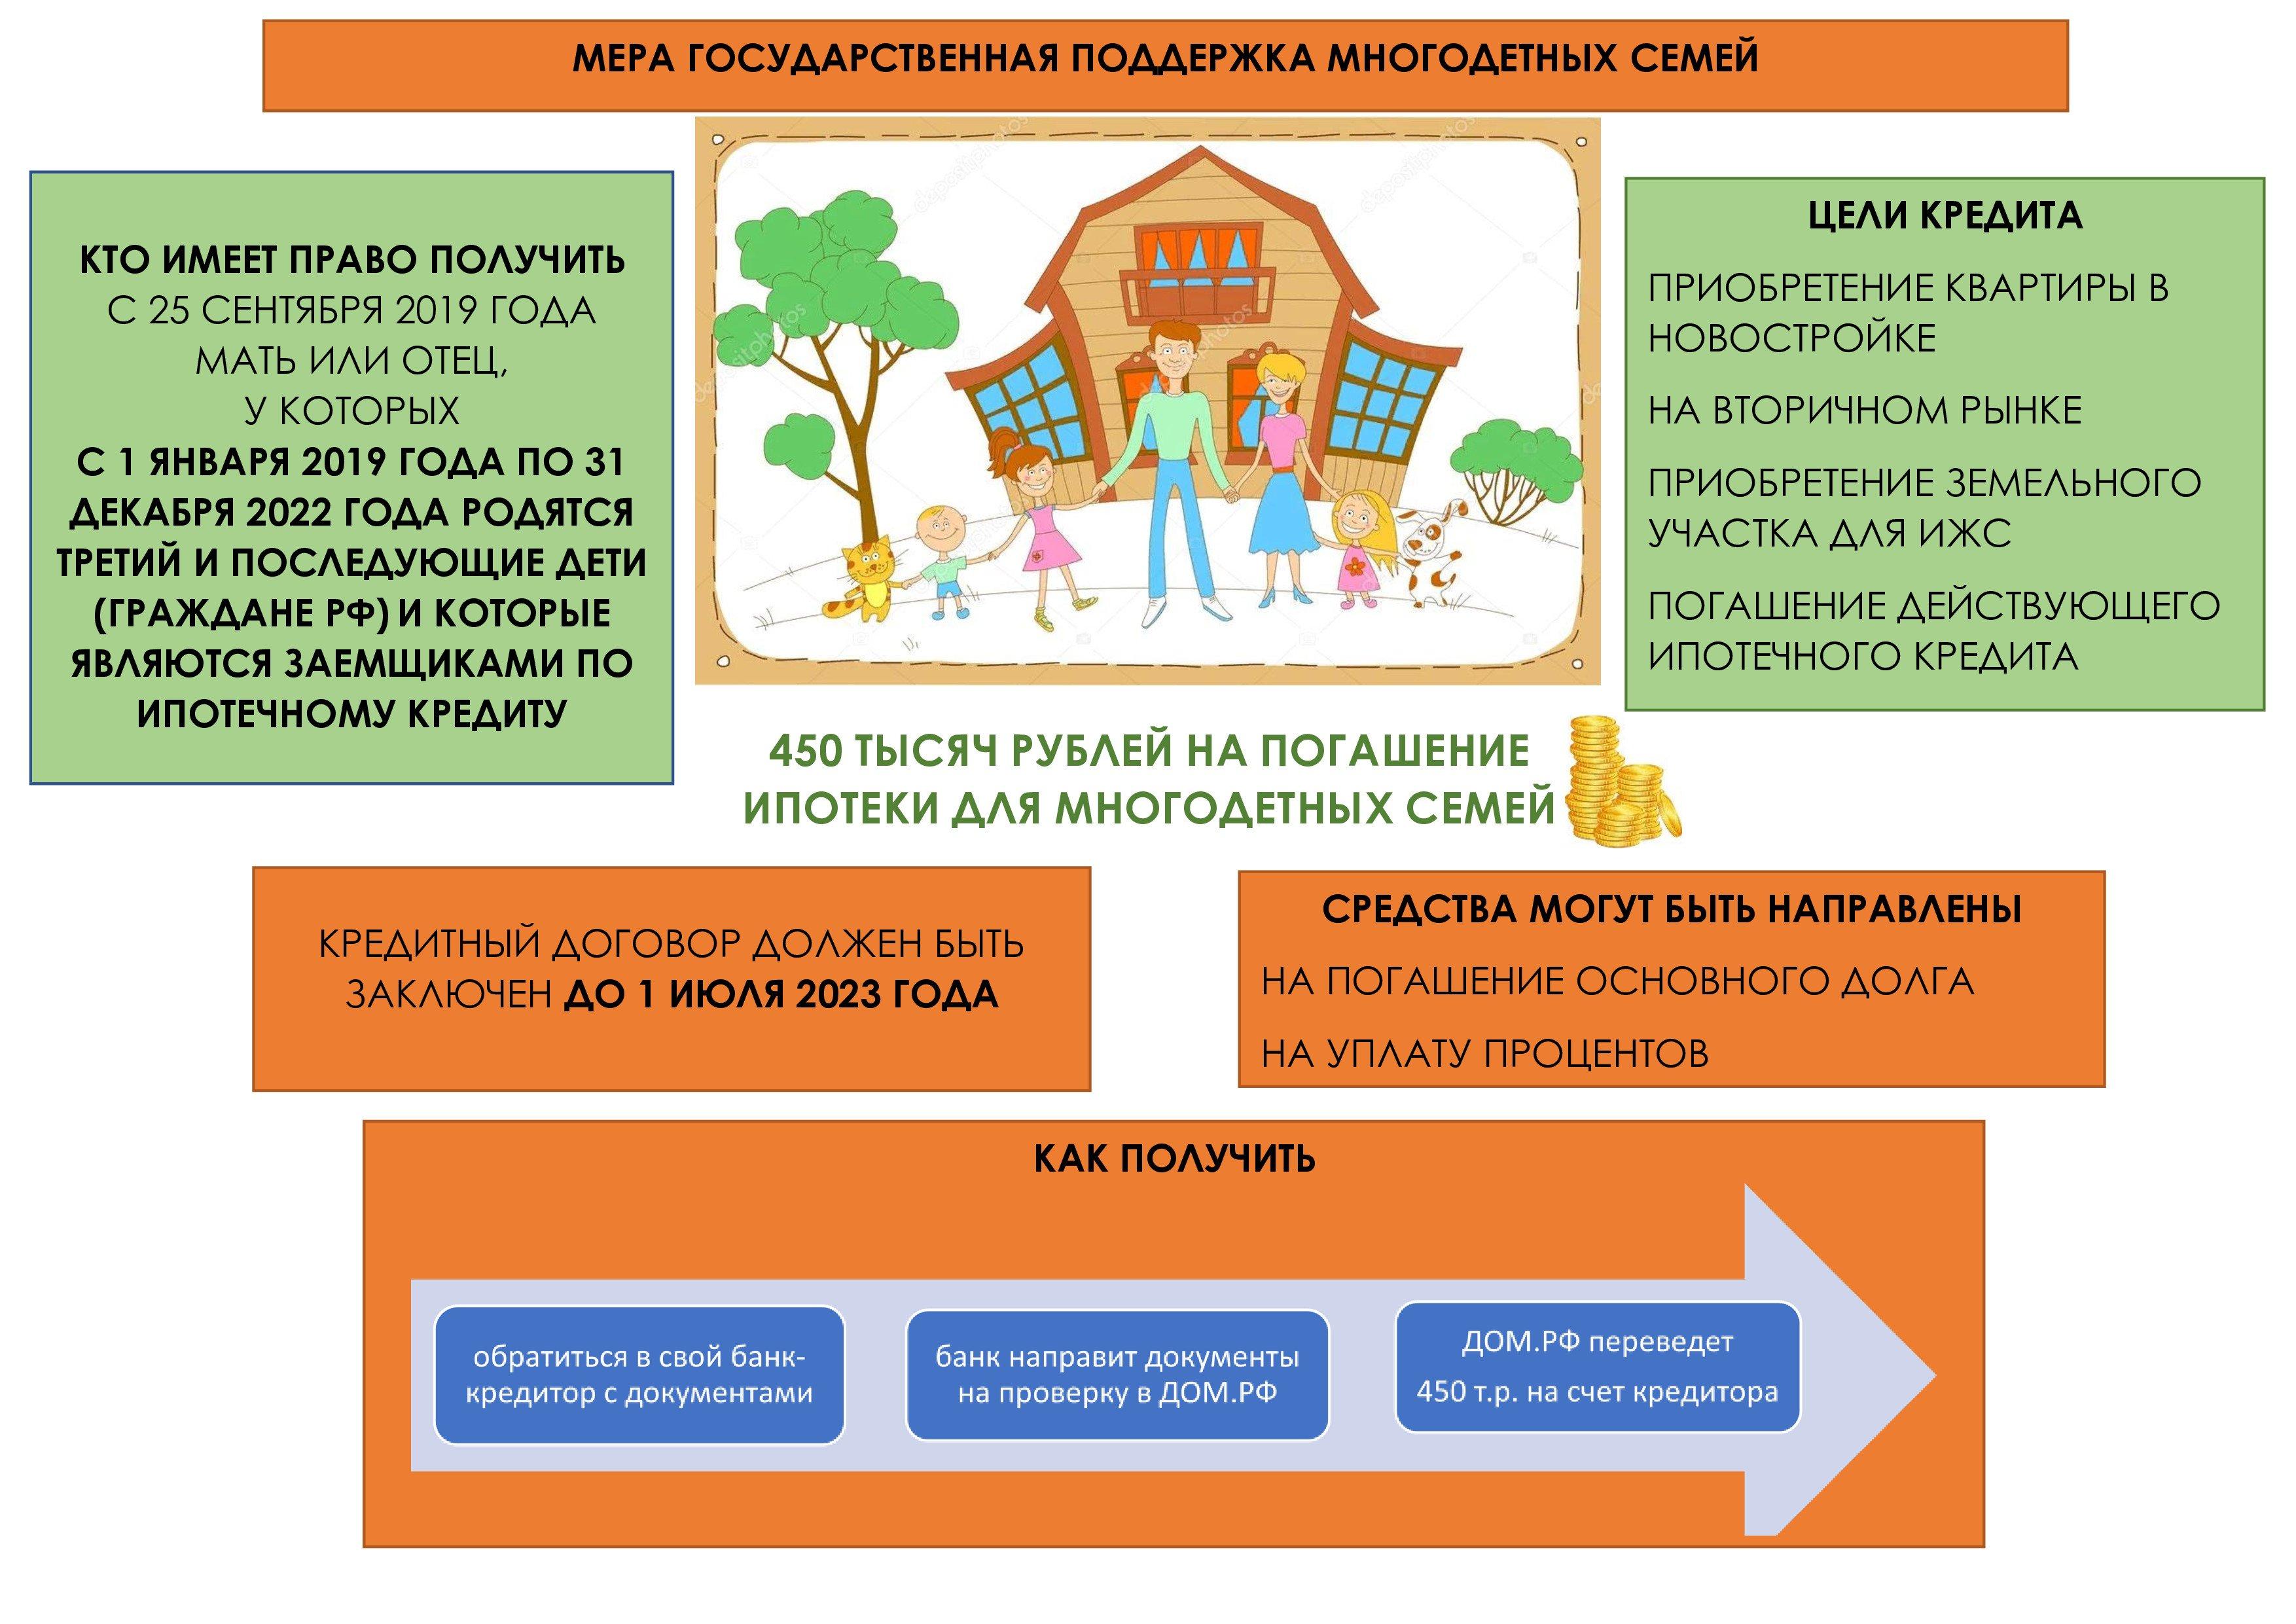 ипотечный займ для многодетных семей